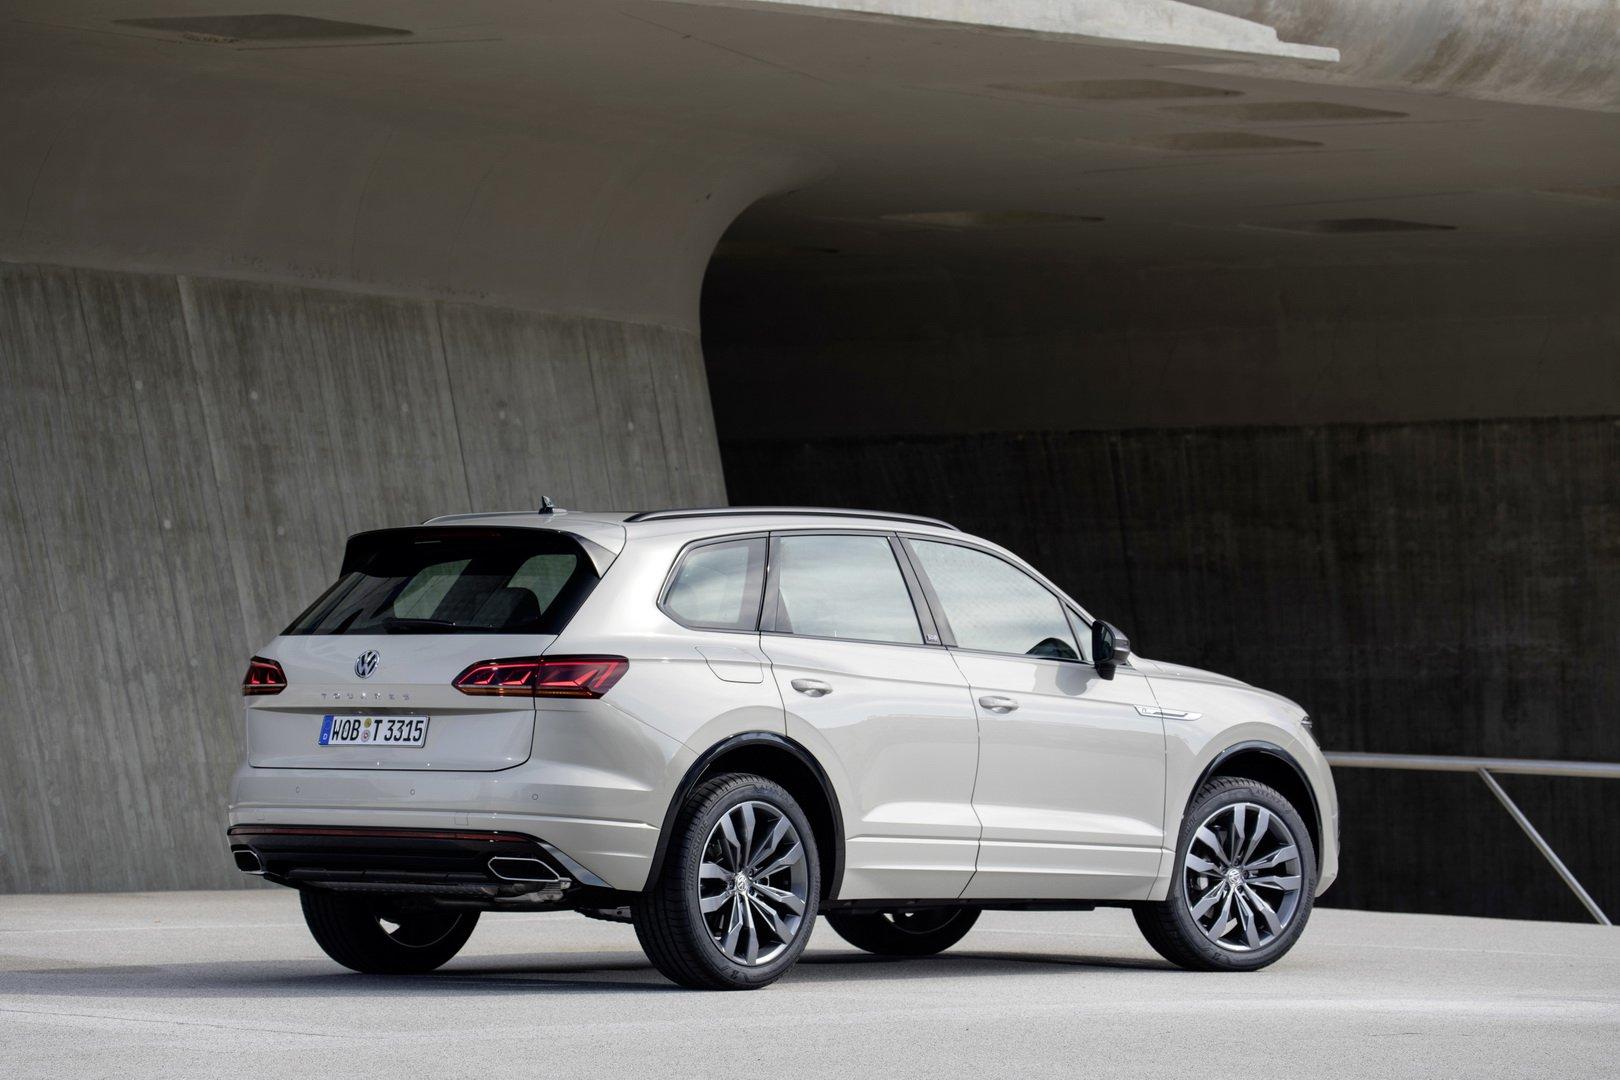 Volkswagen-Touareg-One-Million-Edition-5